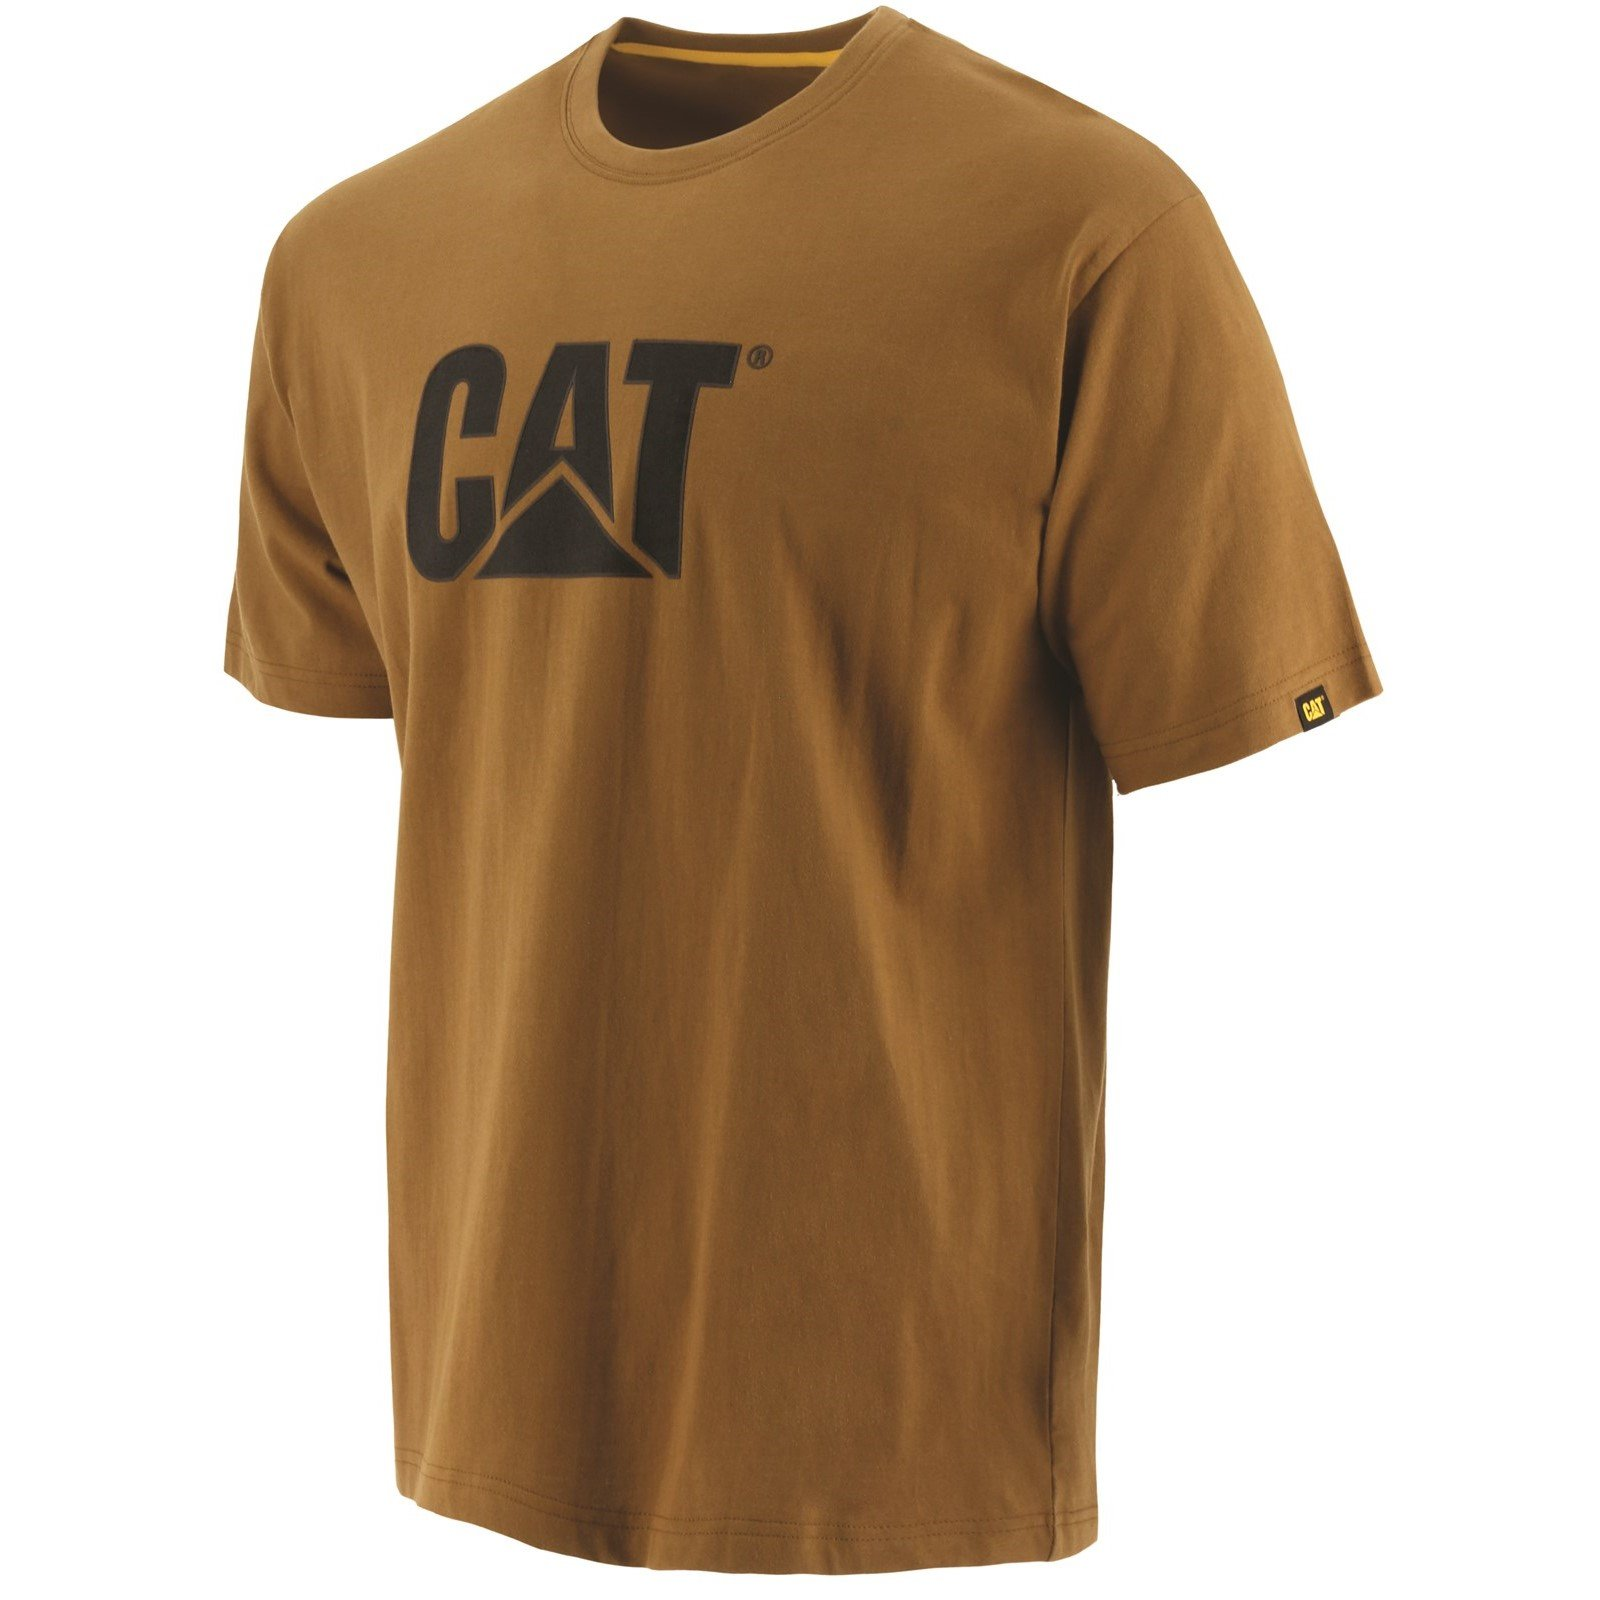 Caterpillar Men's Trademark Logo T-Shirt Various Colours 25301-42086 - Bronze Sml